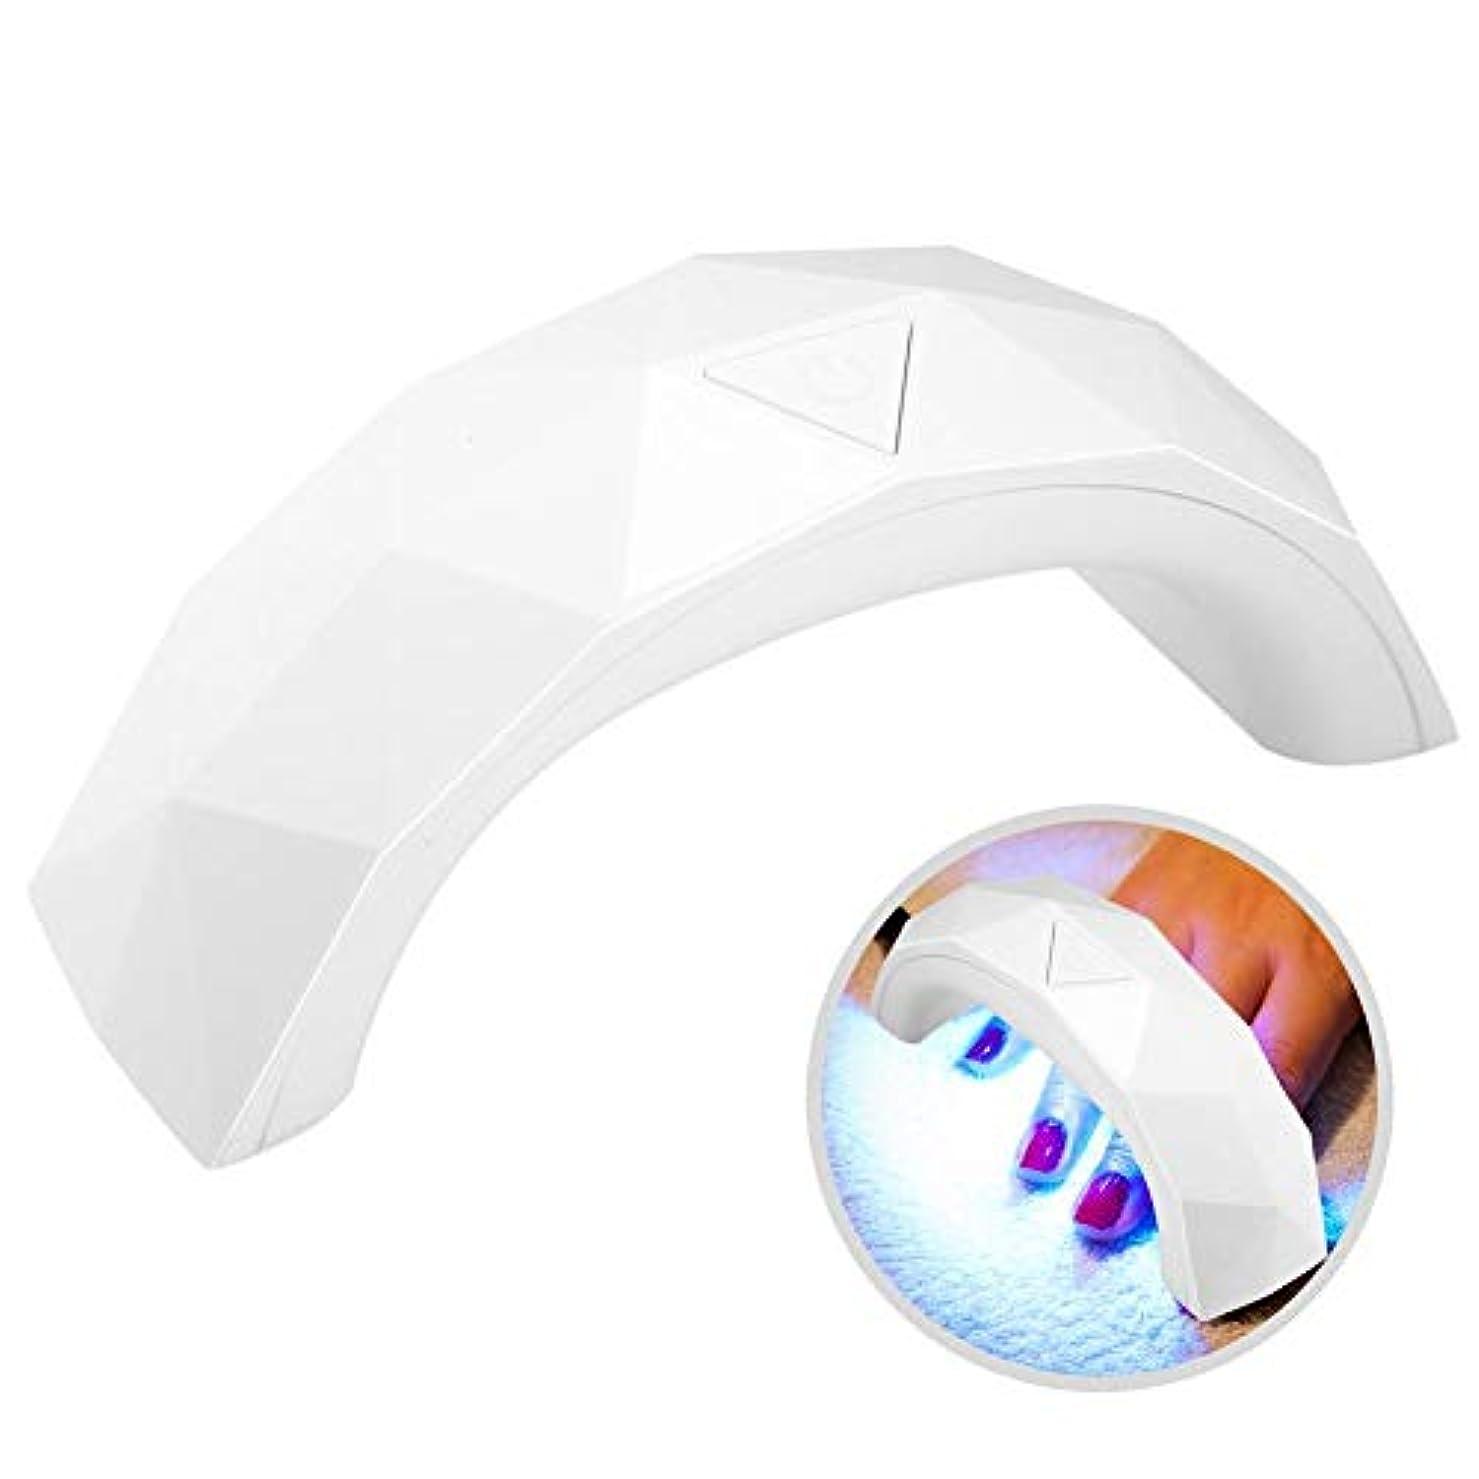 情報ロシア懲戒LEDネイルライト,ネイルドライヤー60 sタイミング紫外線ジェルネイルポリッシュドライ硬化マニキュアusbネイルポリッシュドライヤー